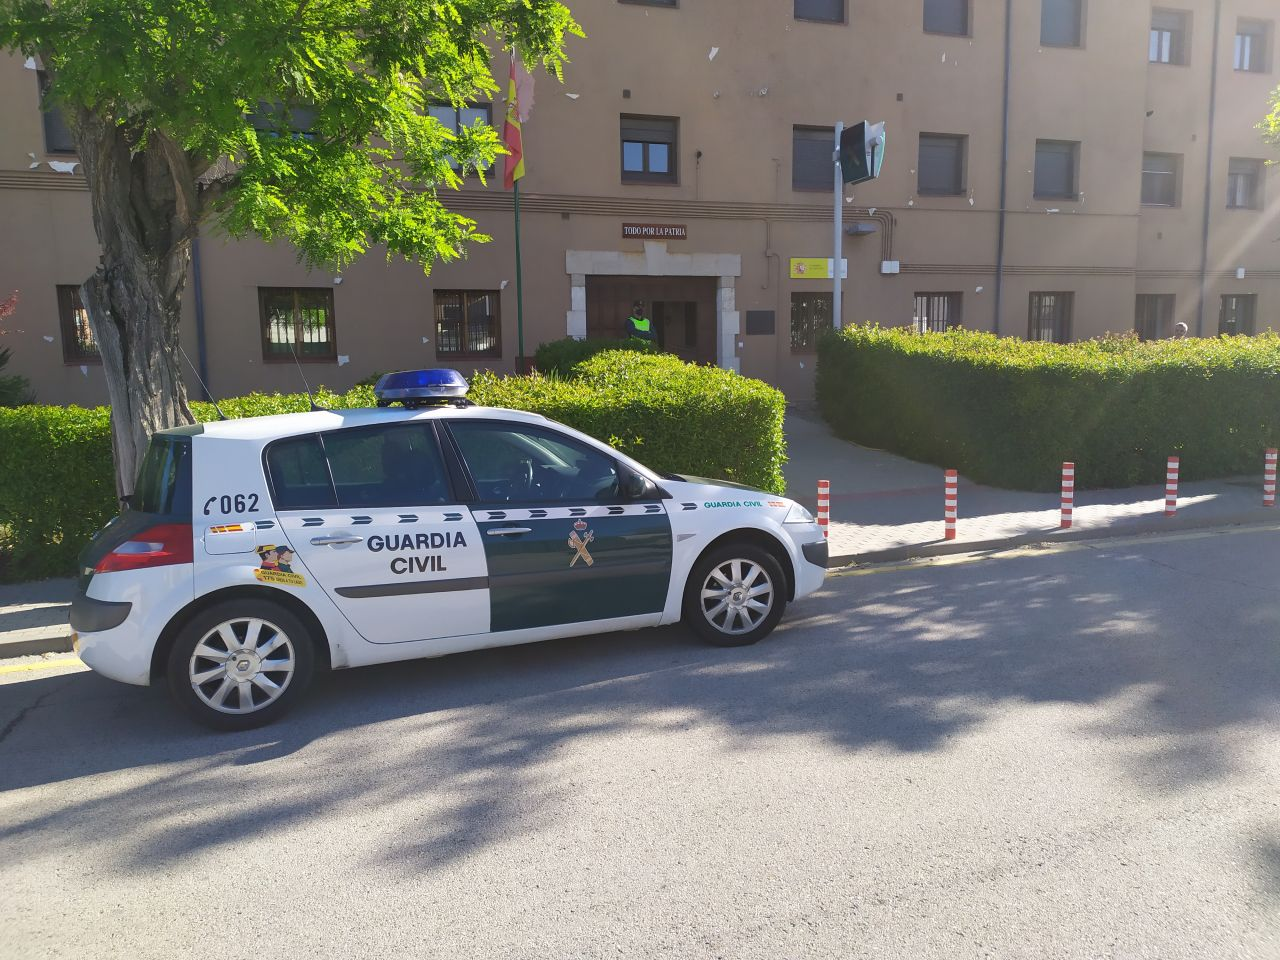 La Guardia Civil detiene en Almazán a cinco jóvenes como presuntos autores de un robo en grado de tentativa